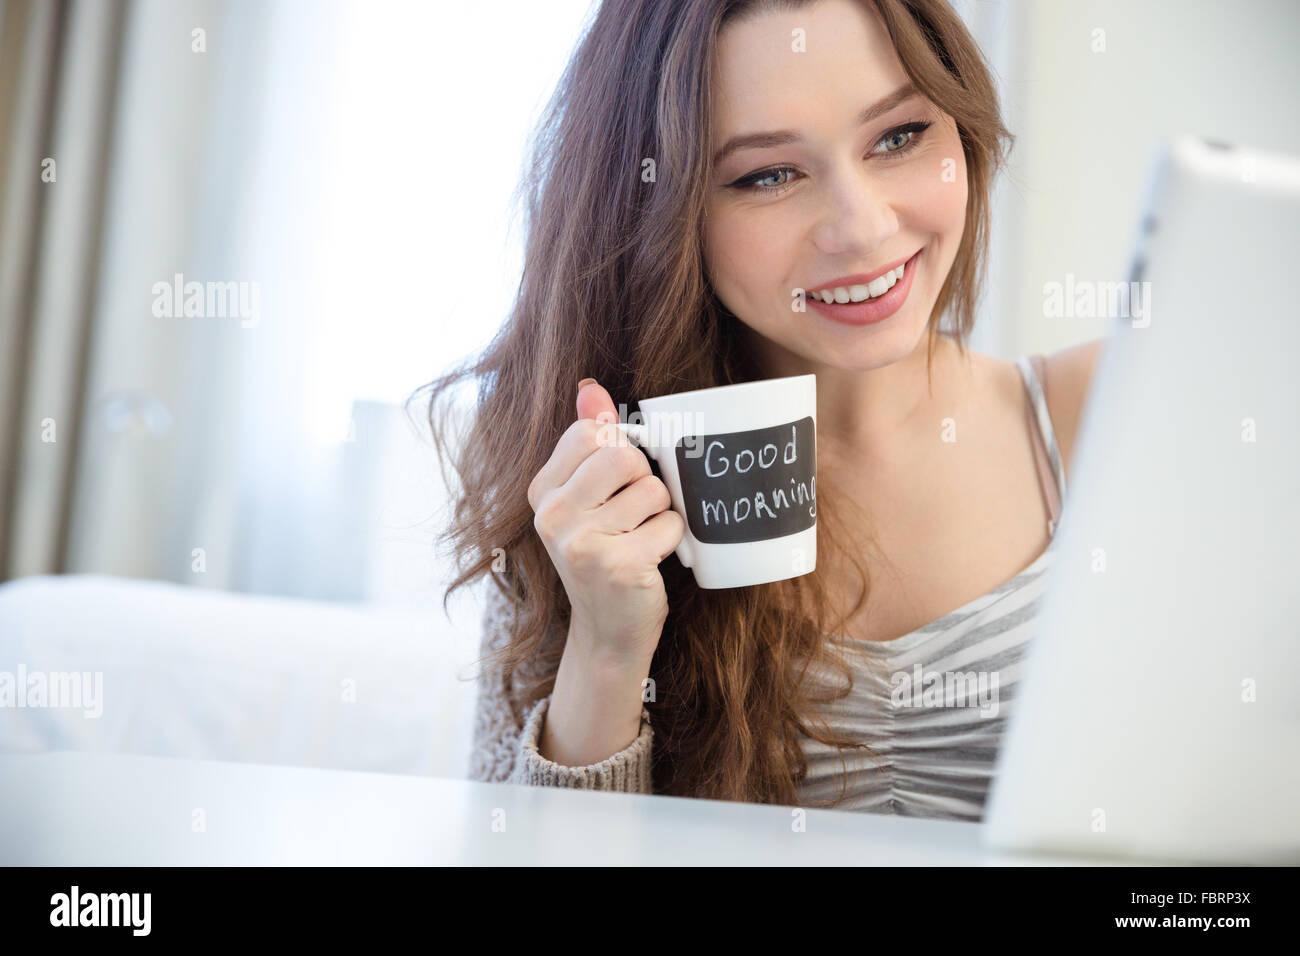 Lächelnd, charmante junge Frau mit Tablet und trinken Kaffee aus weiße Tasse mit schwarzen Bereich zum Stockbild